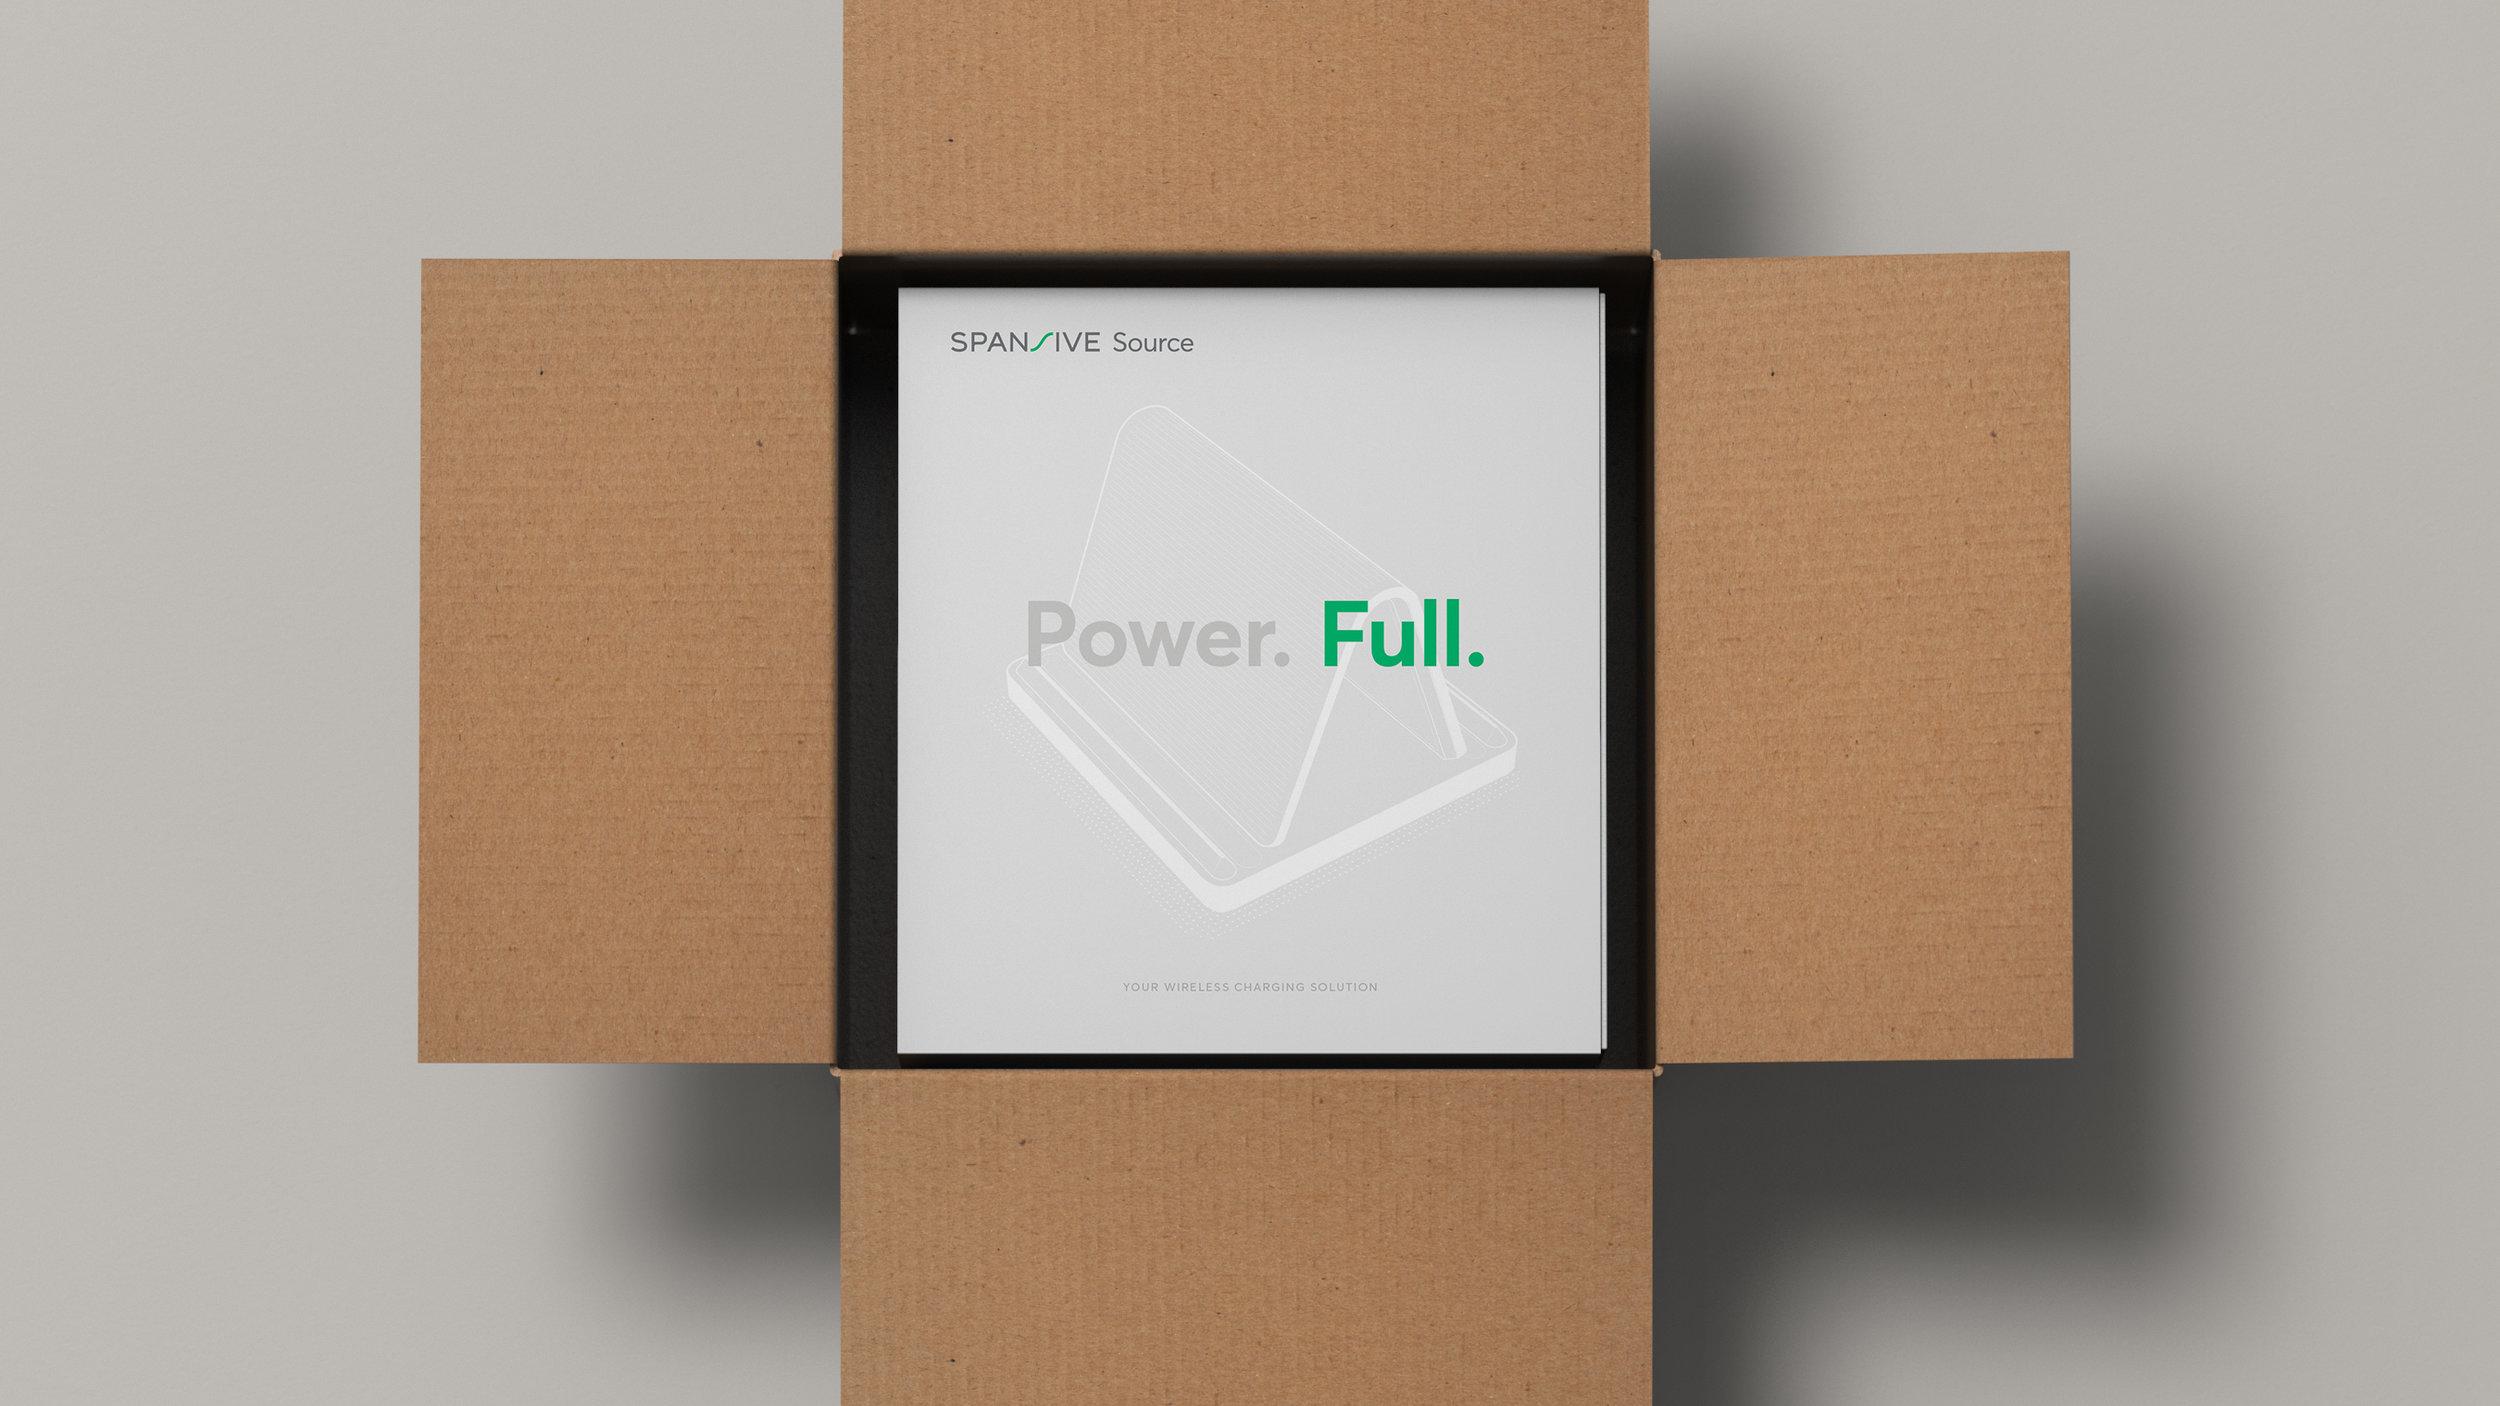 EnlistedWeb_Spansive_Packaging_Unboxing02_V2.jpg